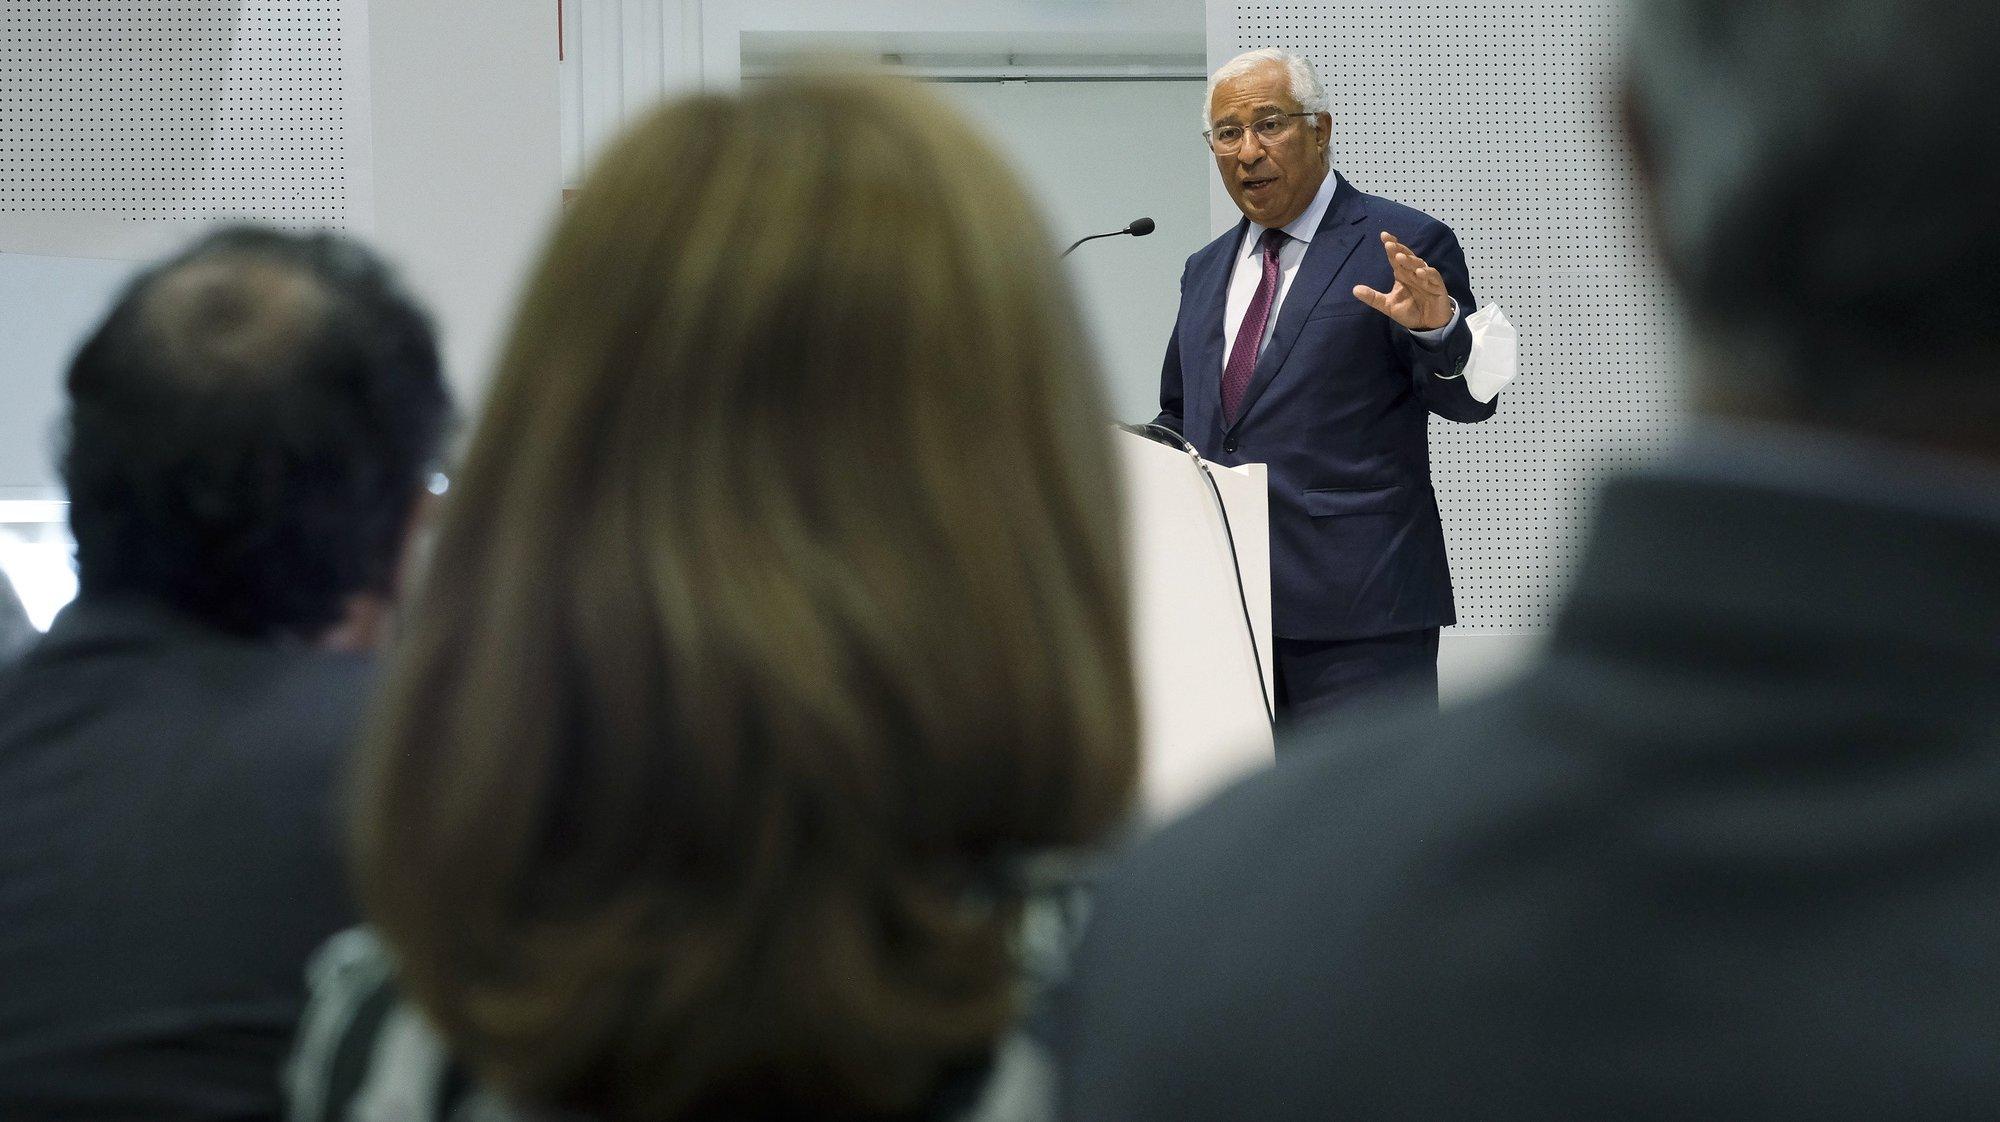 """O primeiro-ministro, António Costa discursa na sessão de lançamento """"Programas PRR - Agendas Mobilizadoras para a Inovação Empresarial"""", que decorreu na Porto Business School em Matosinhos. 23 de junho de 2021. FERNANDO VELUDO/LUSA"""